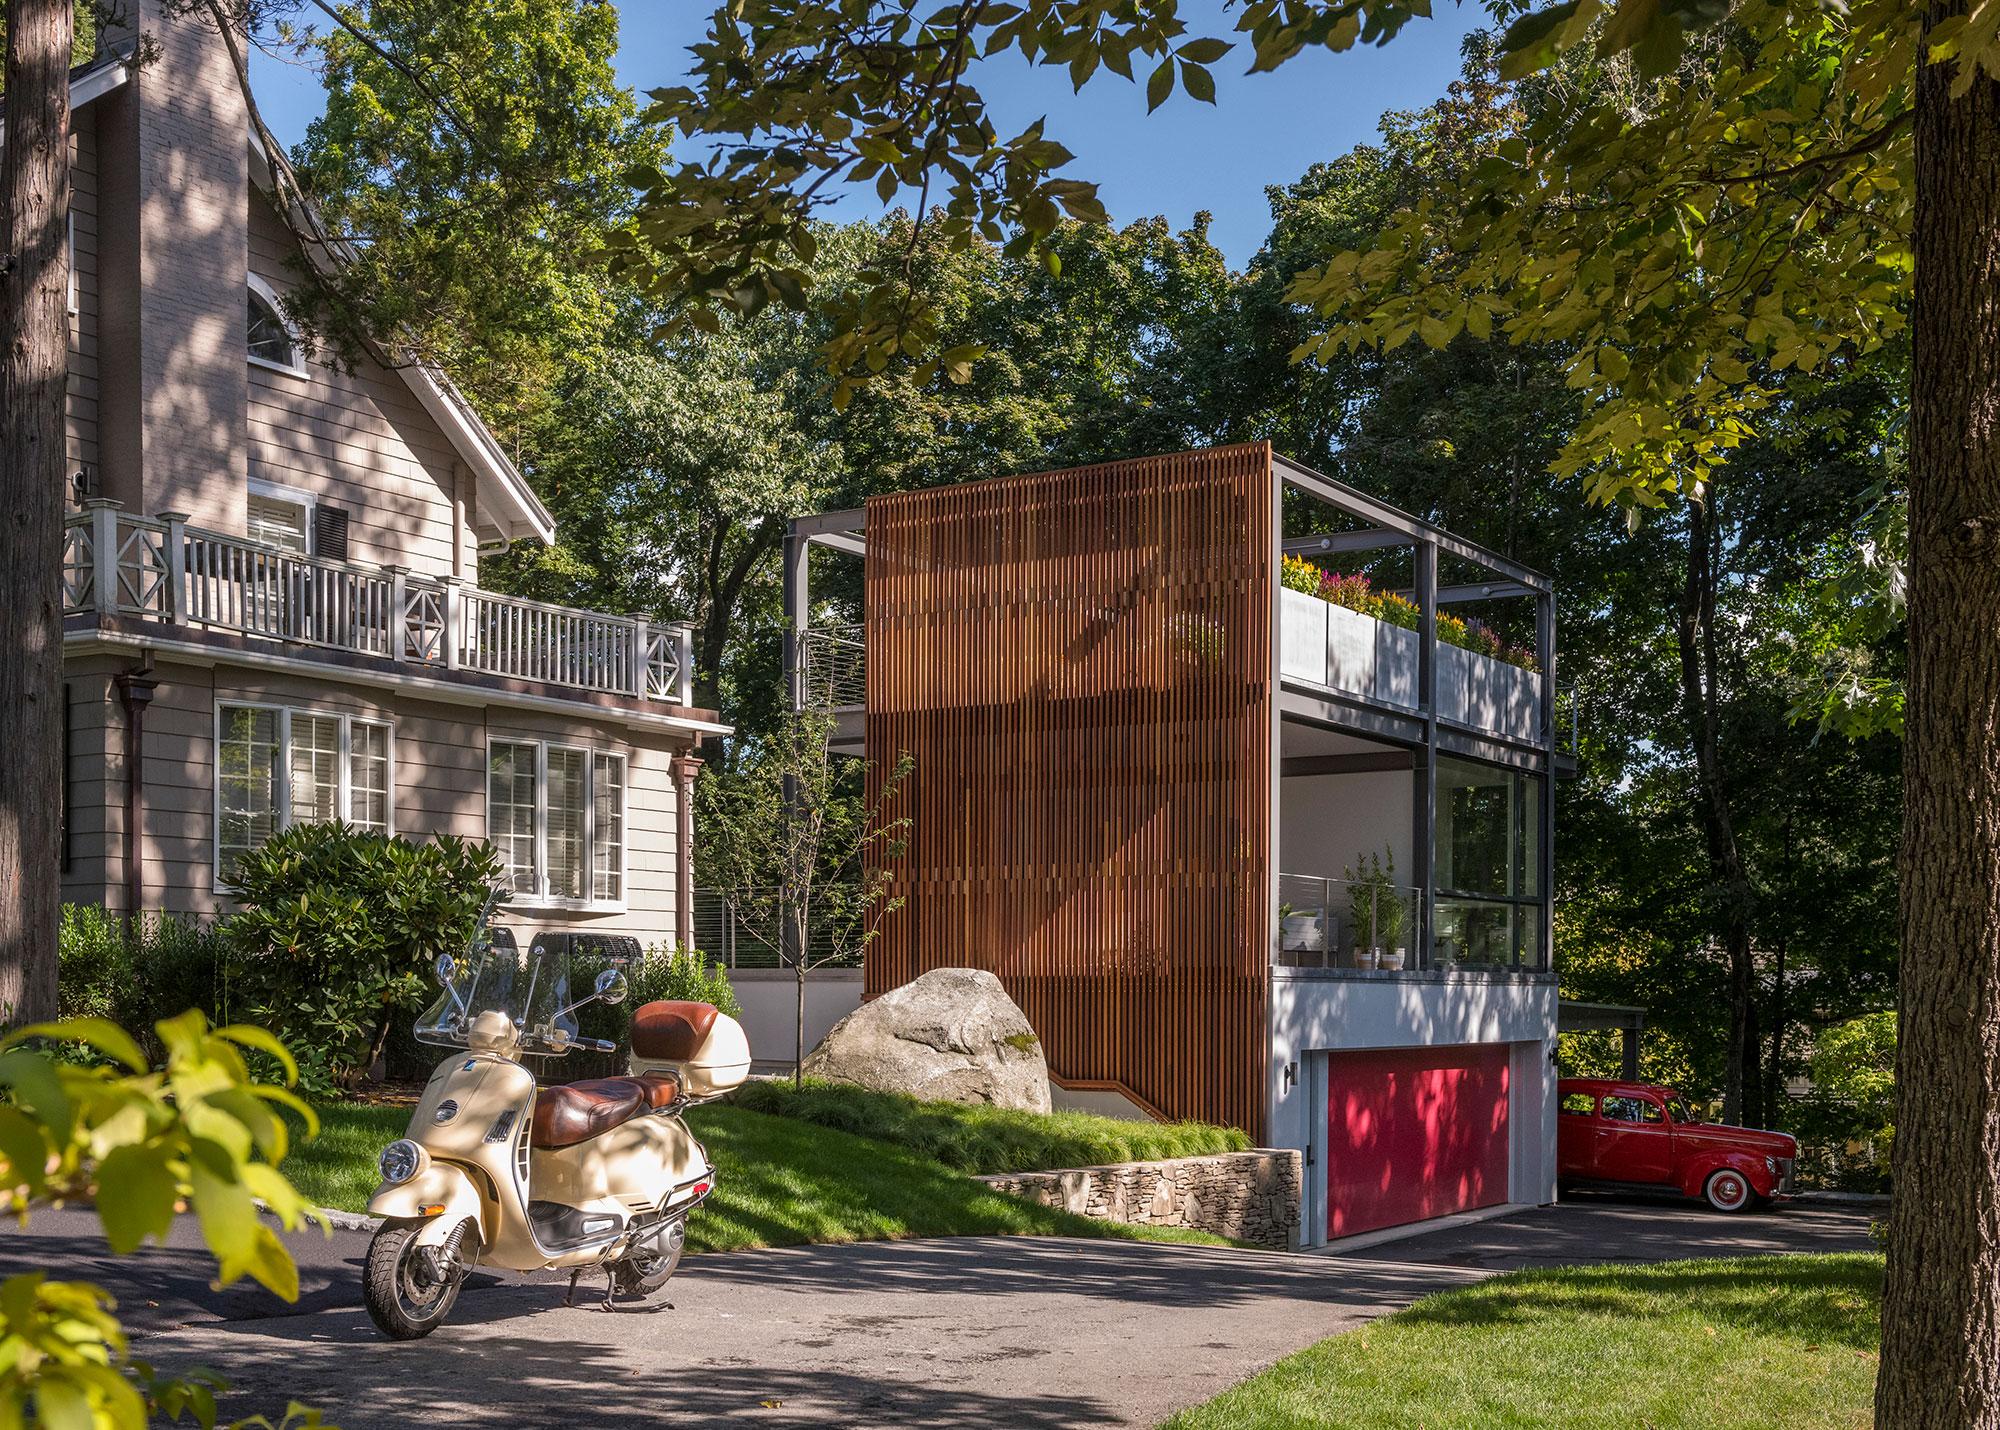 3-story garden folley studio garage accessory building with vintage vespa